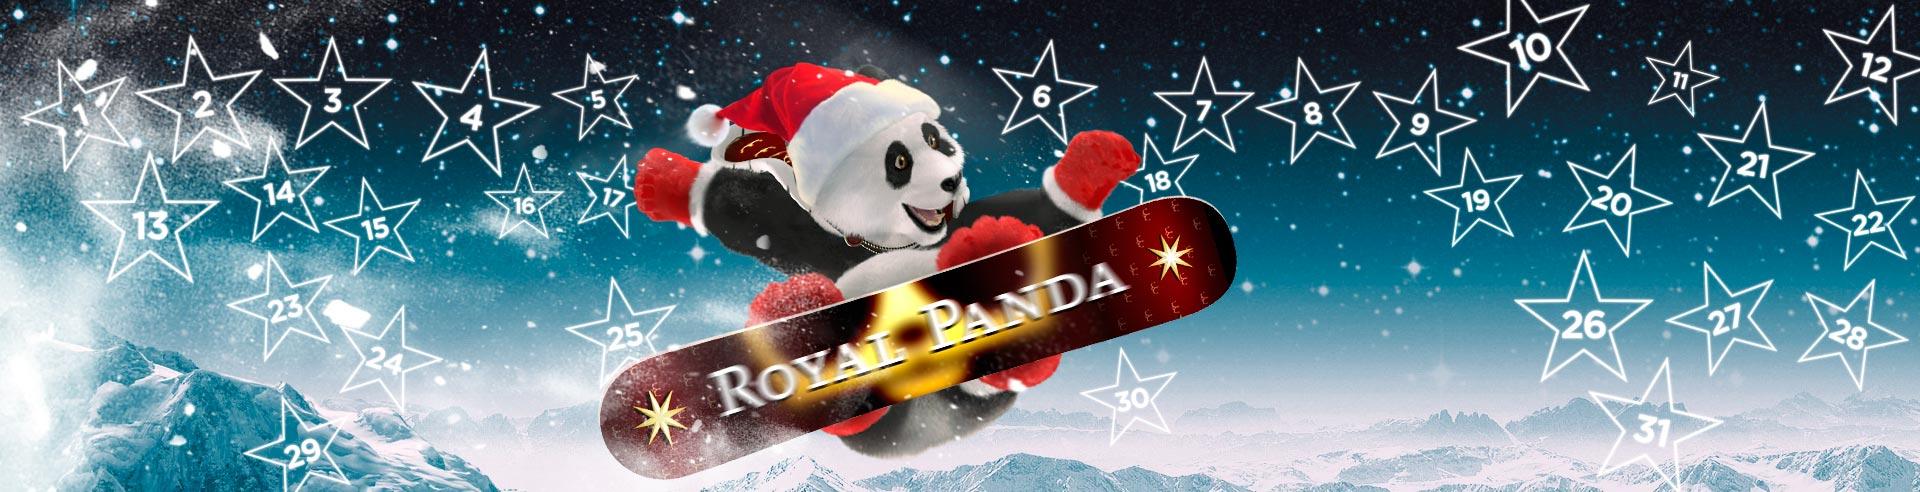 Royal-Panda-Christmas